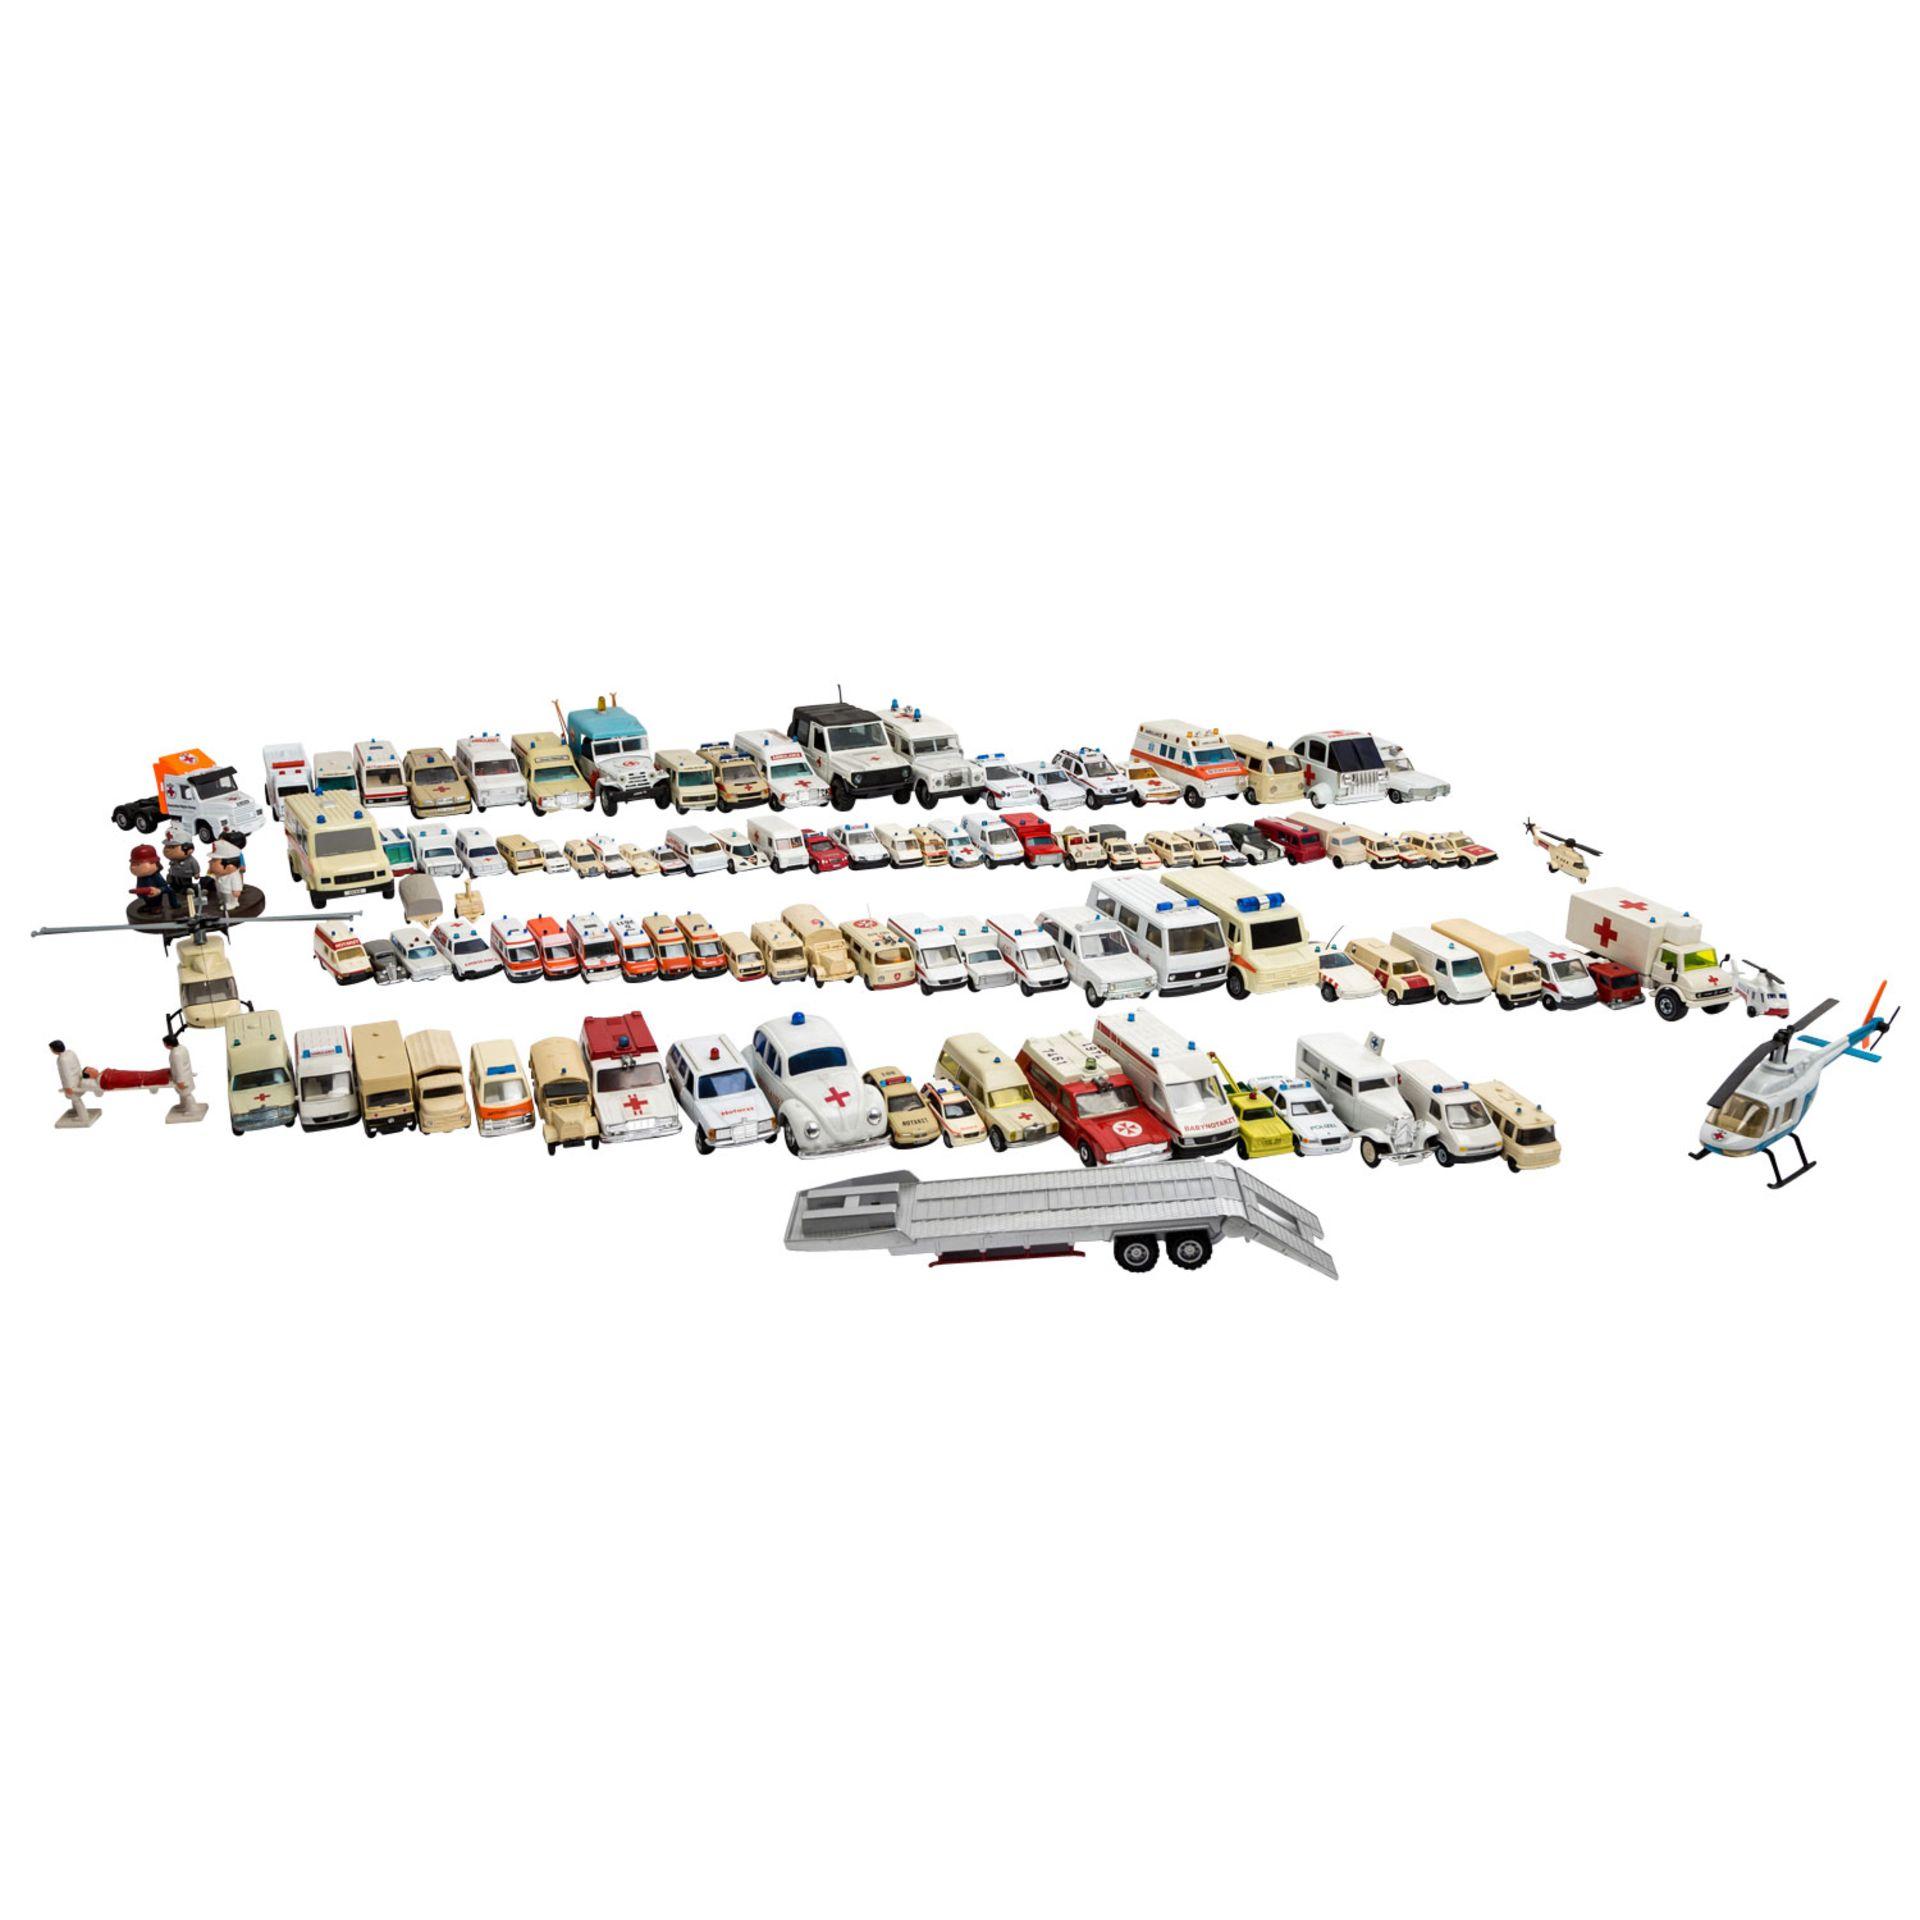 MATCHBOX/WIKING/HERPA u.v.a. Konvolut von ca. 100 Rettungsdienst-Modellfahrzeugen im Maßstab 1:87 bi